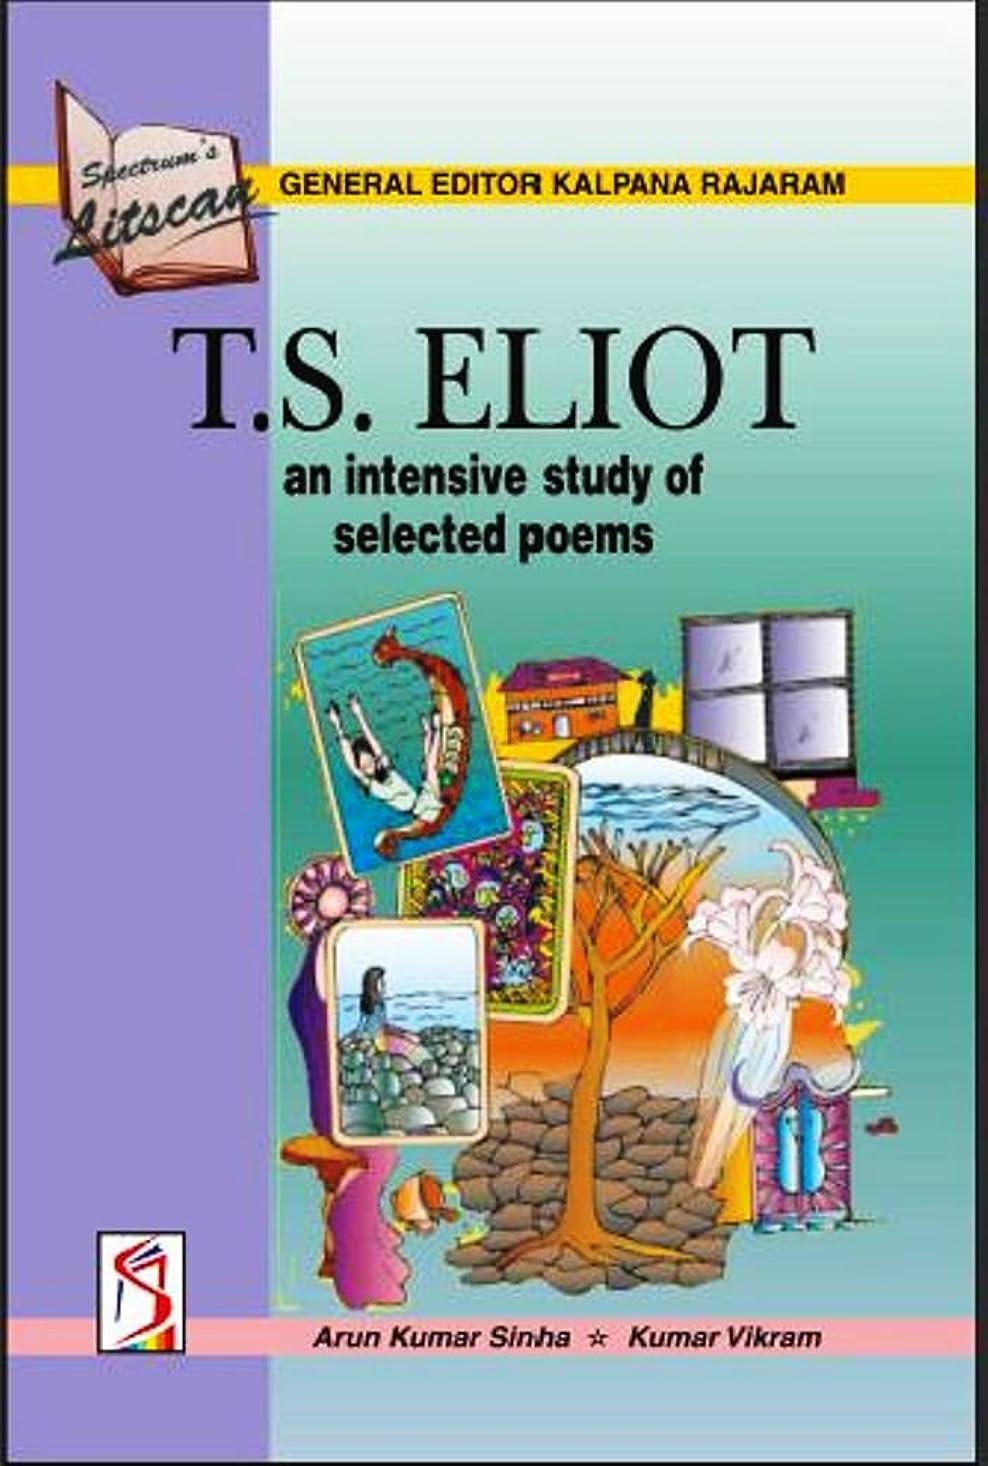 農奴思春期の振り返るT.S. ELIOT: an intensive study of selected poems (English Edition)